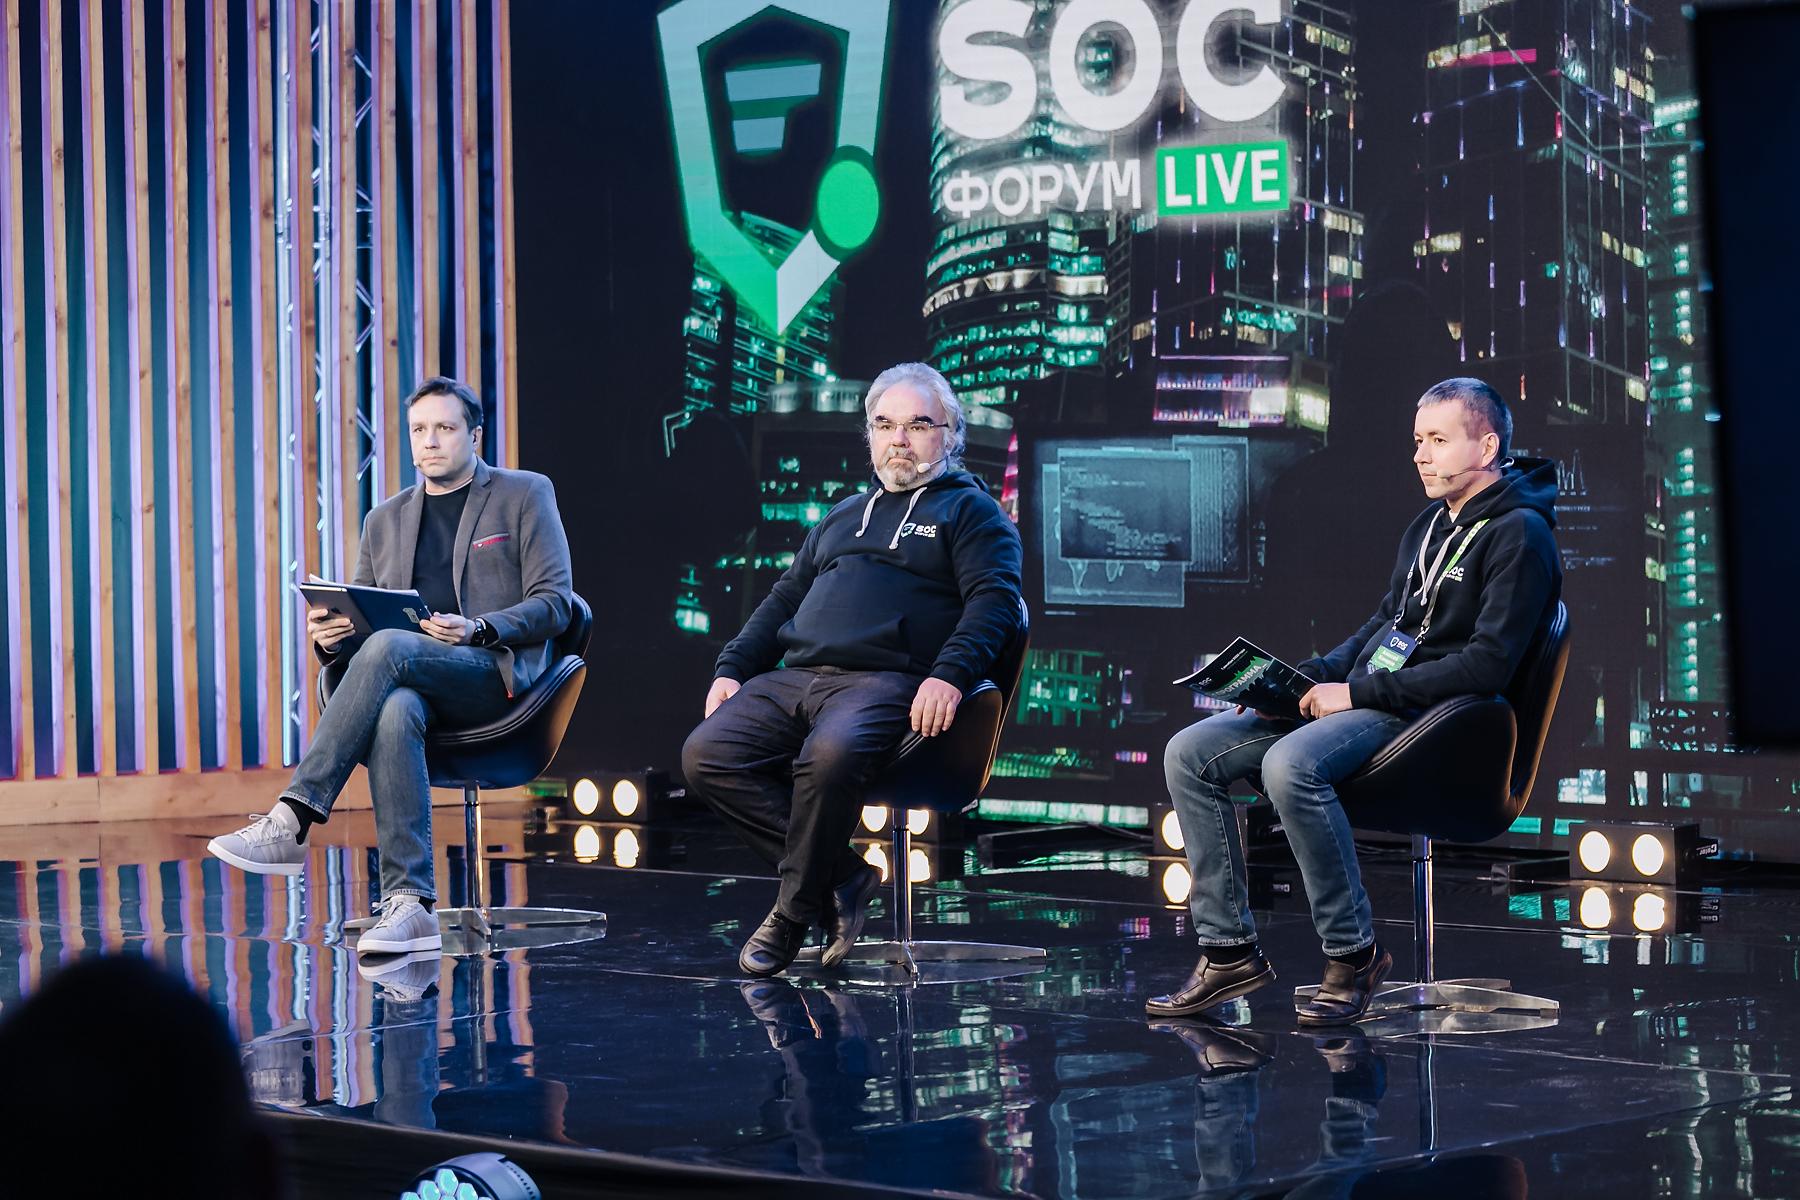 SOC-Форум Live 2020: Дистанцированы, но не сломлены!